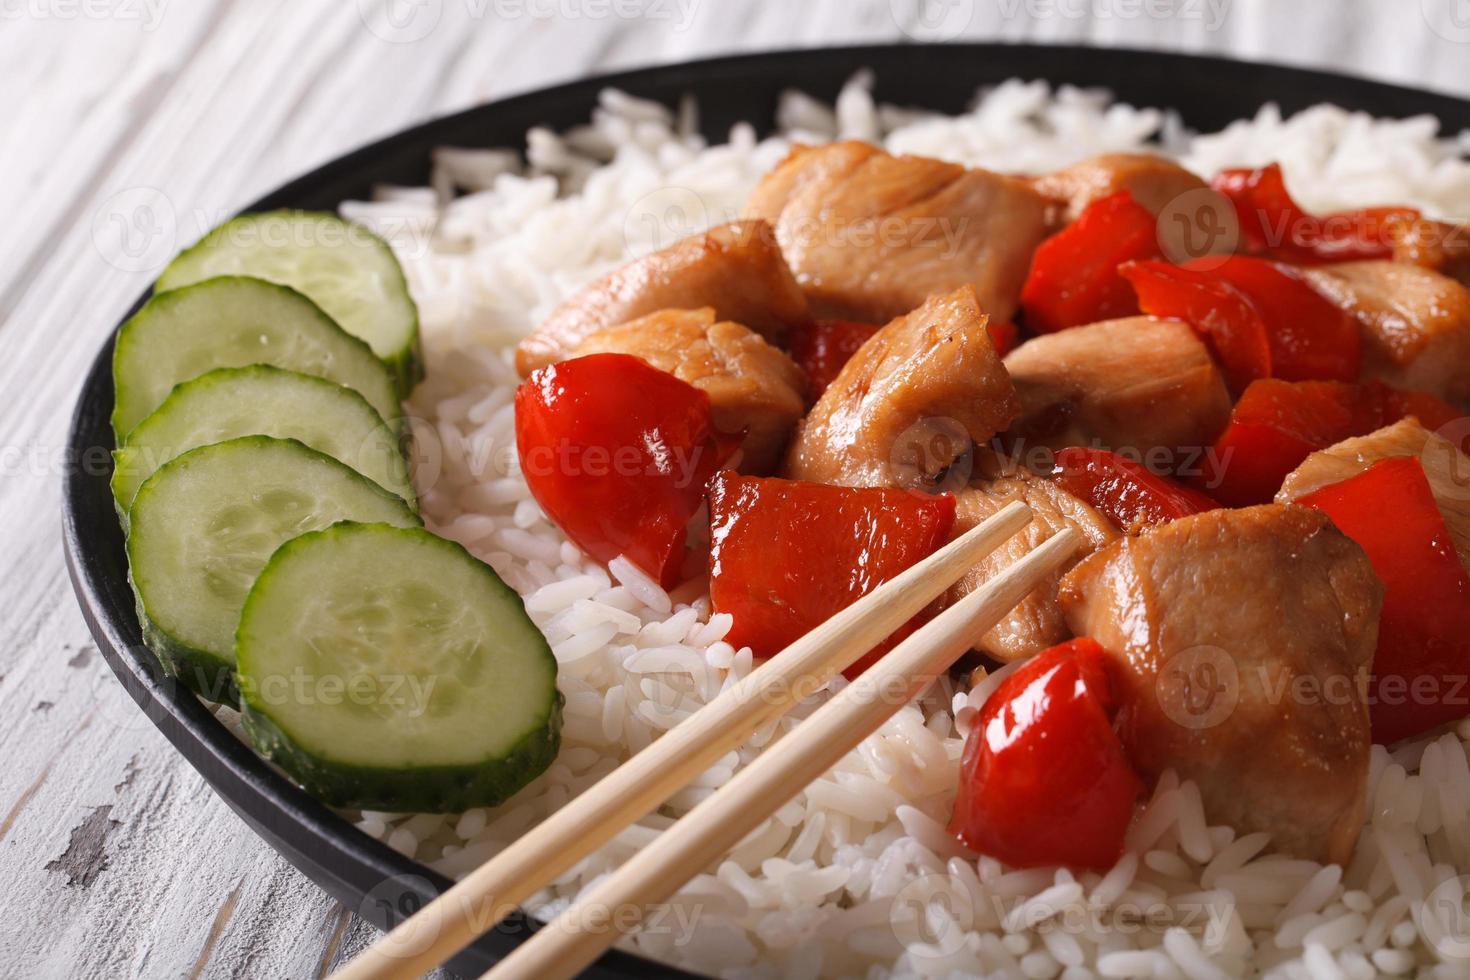 arroz com frango e legumes close-up. horizontal foto